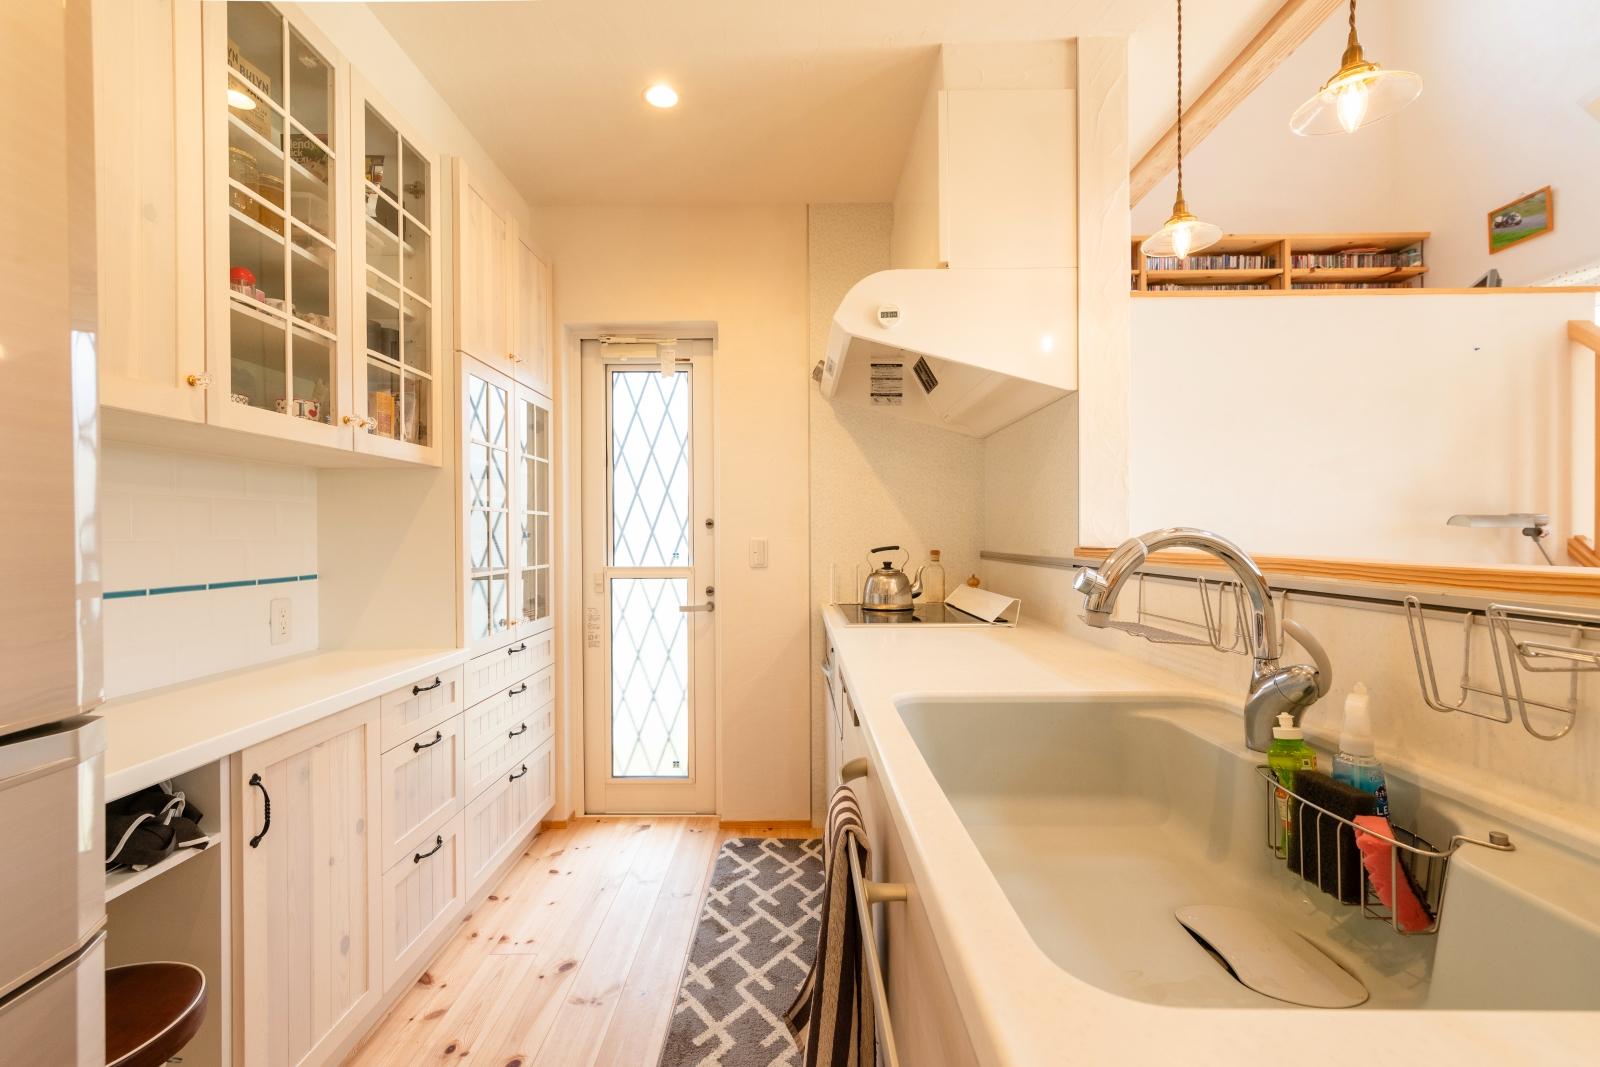 可愛くて使いやすい収納力のあるキッチン